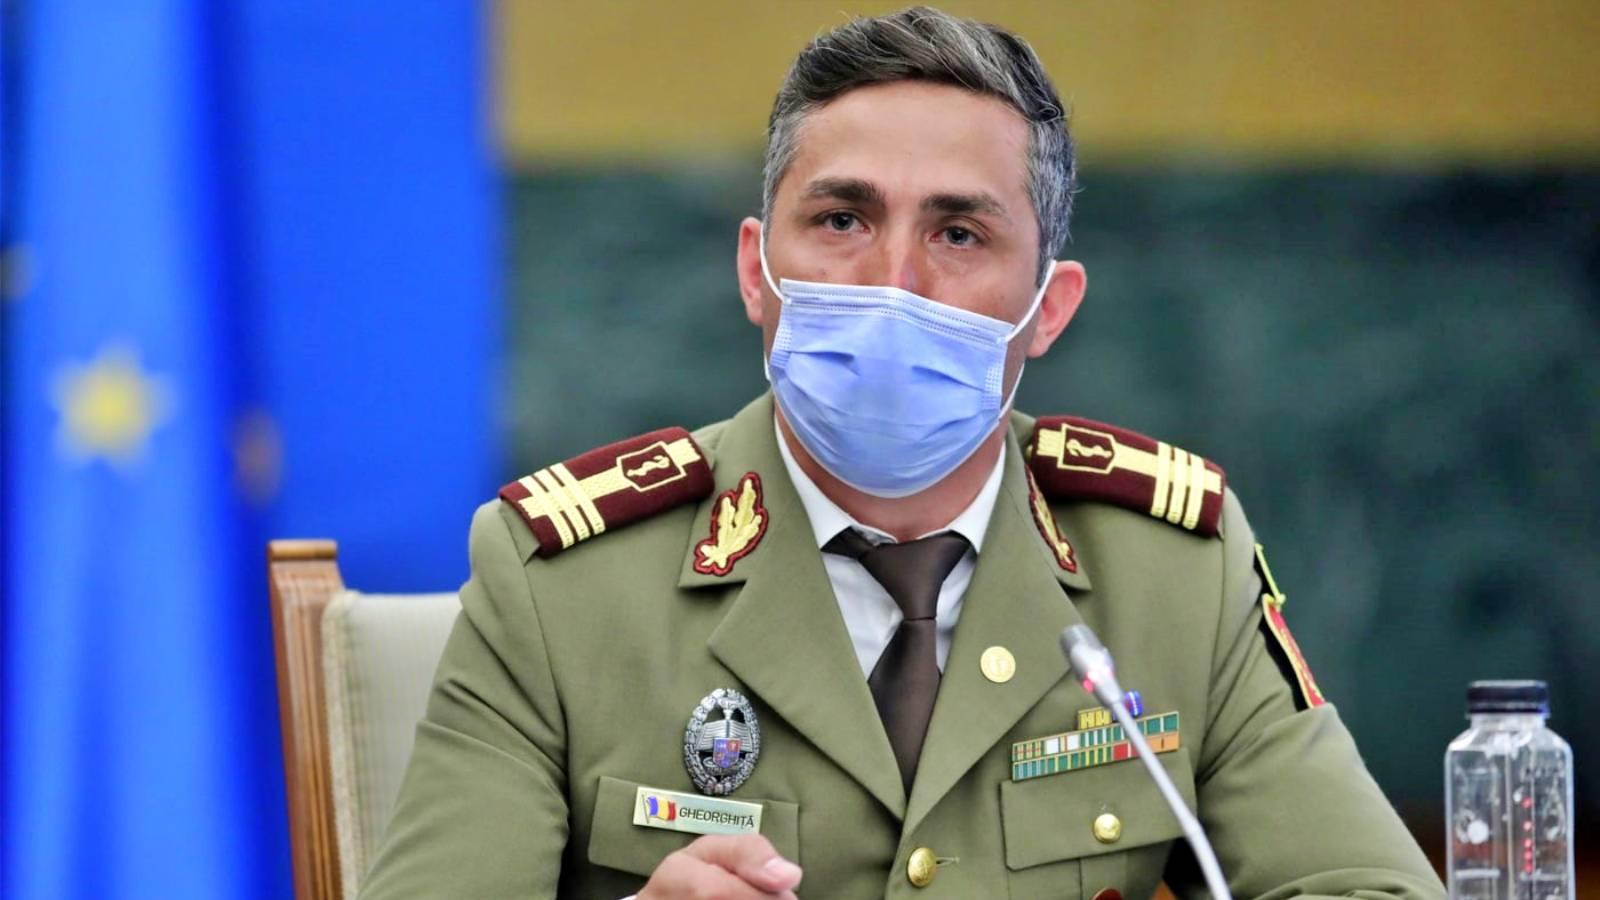 Valeriu Gheorghita Valul 4 Apelul Important Romania